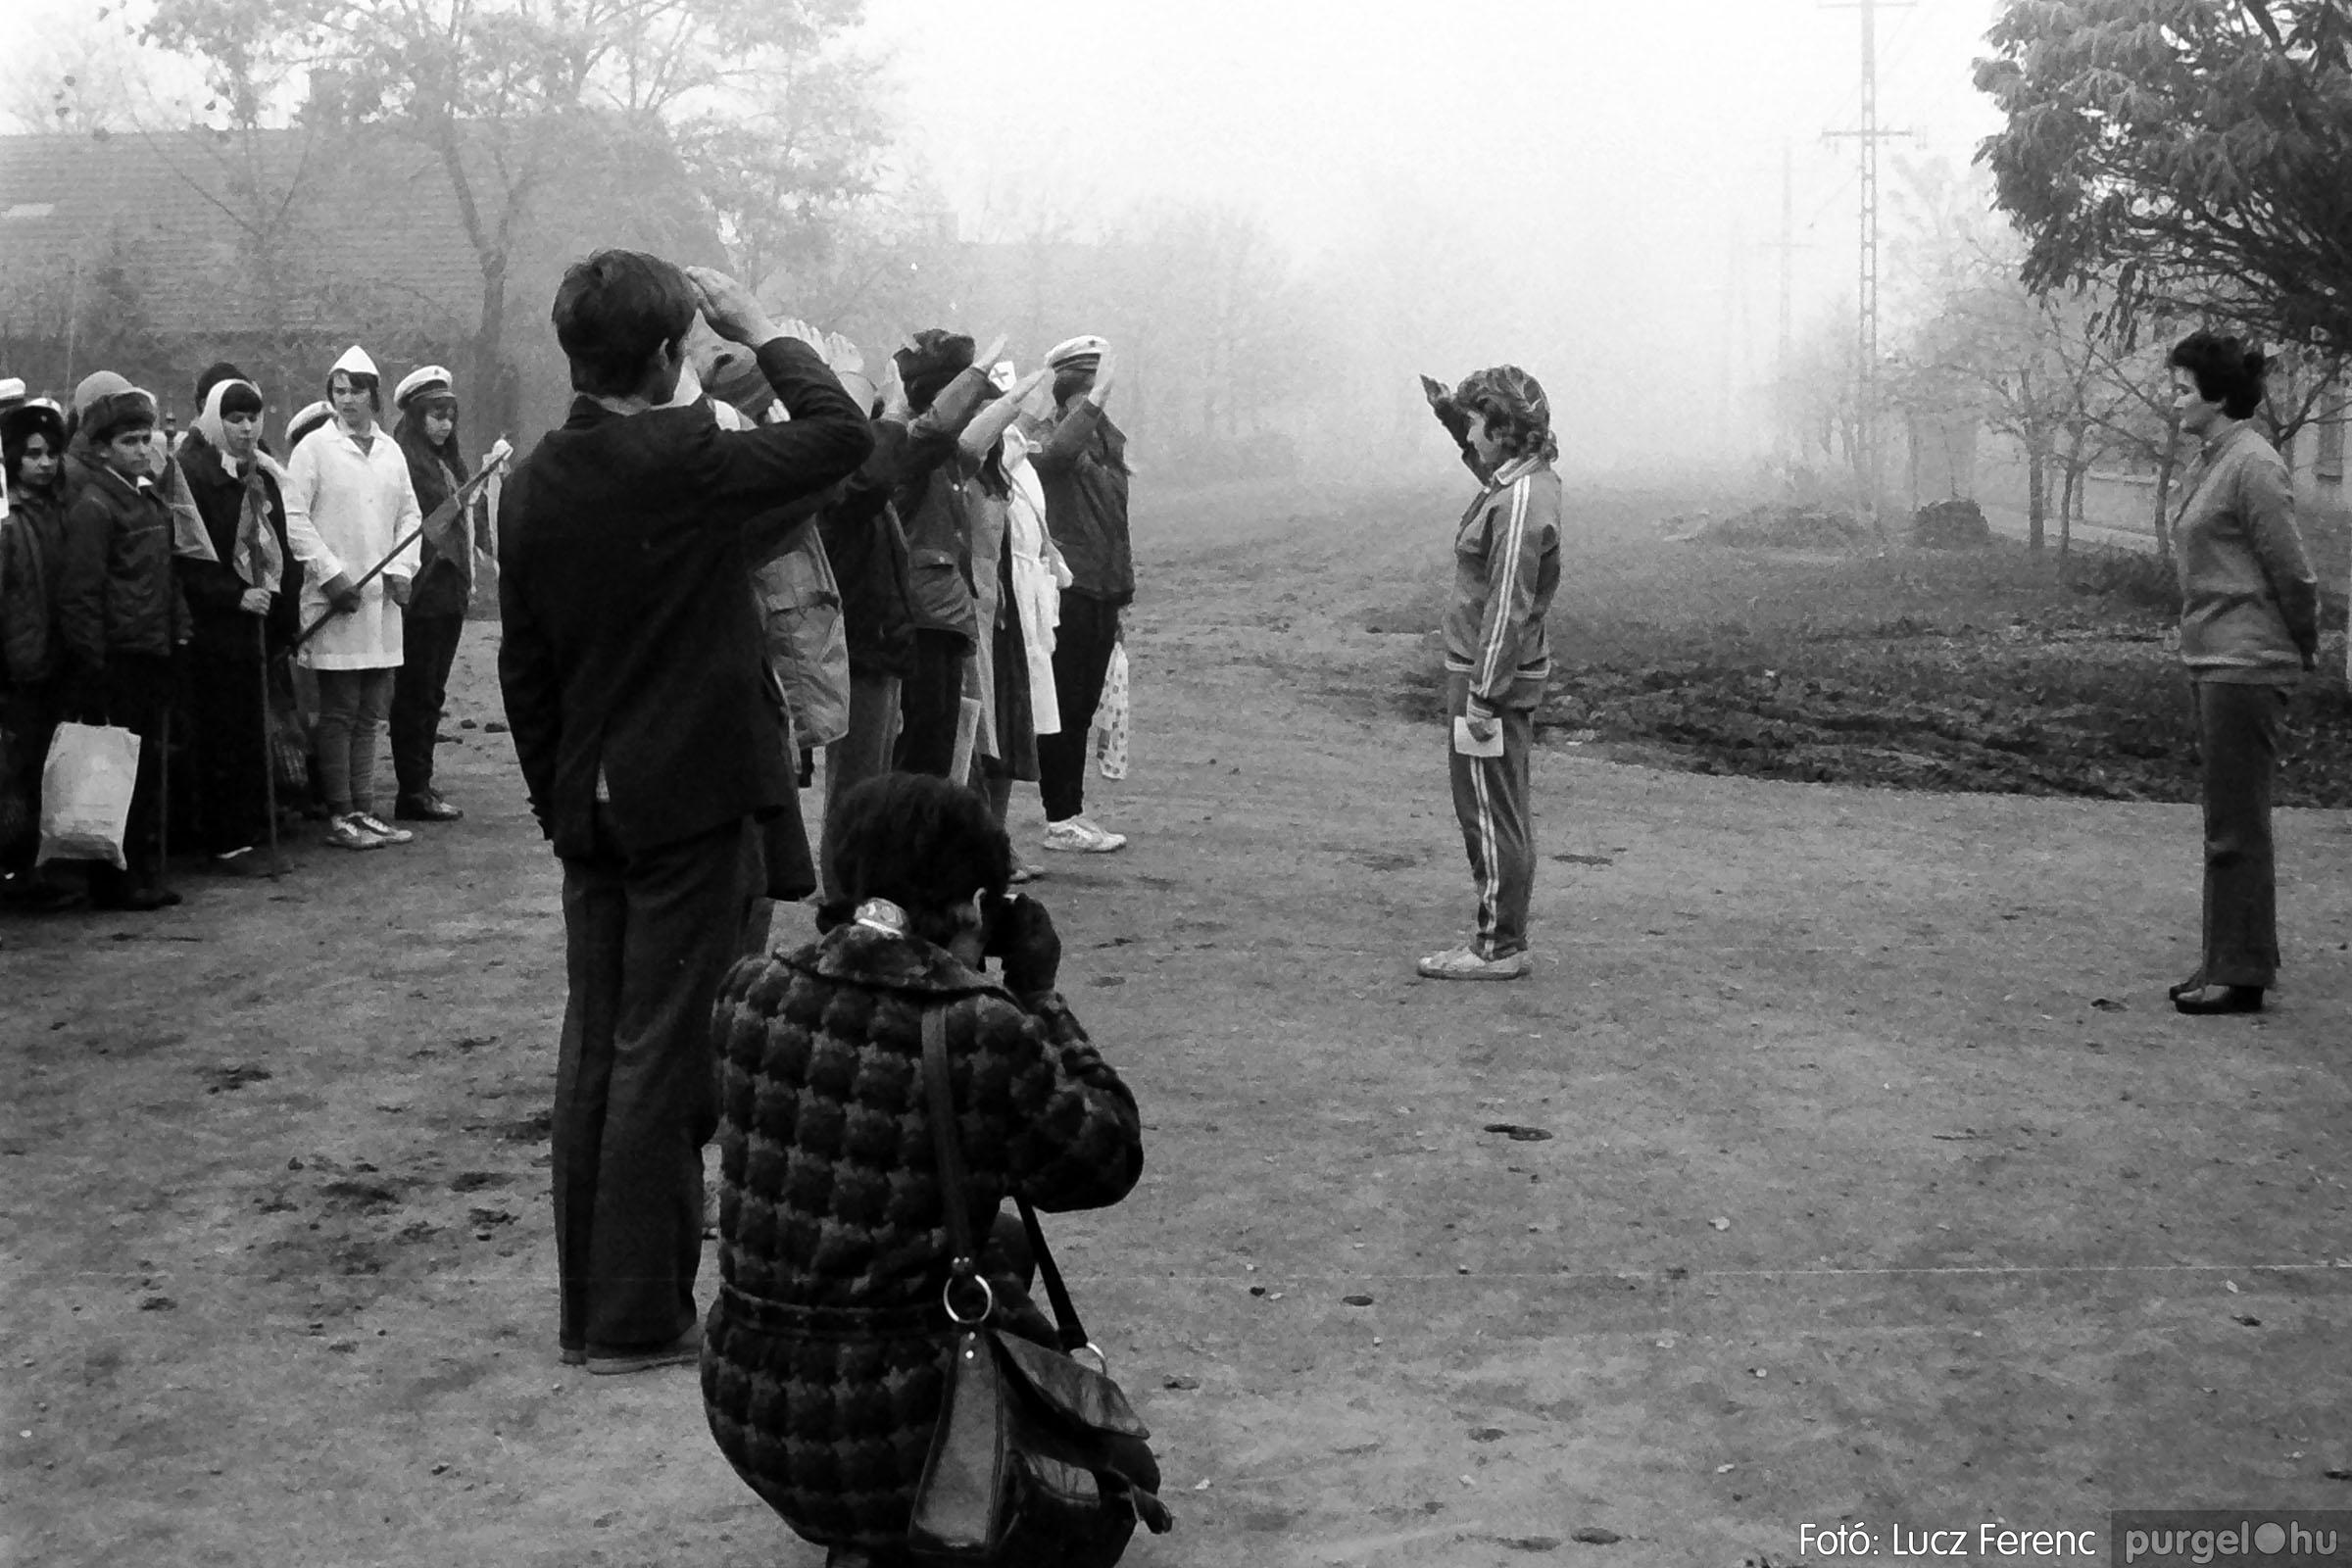 004A 1970-es évek - Úttörő rendezvény 005 - Fotó: Lucz Ferenc IMG00016q.jpg